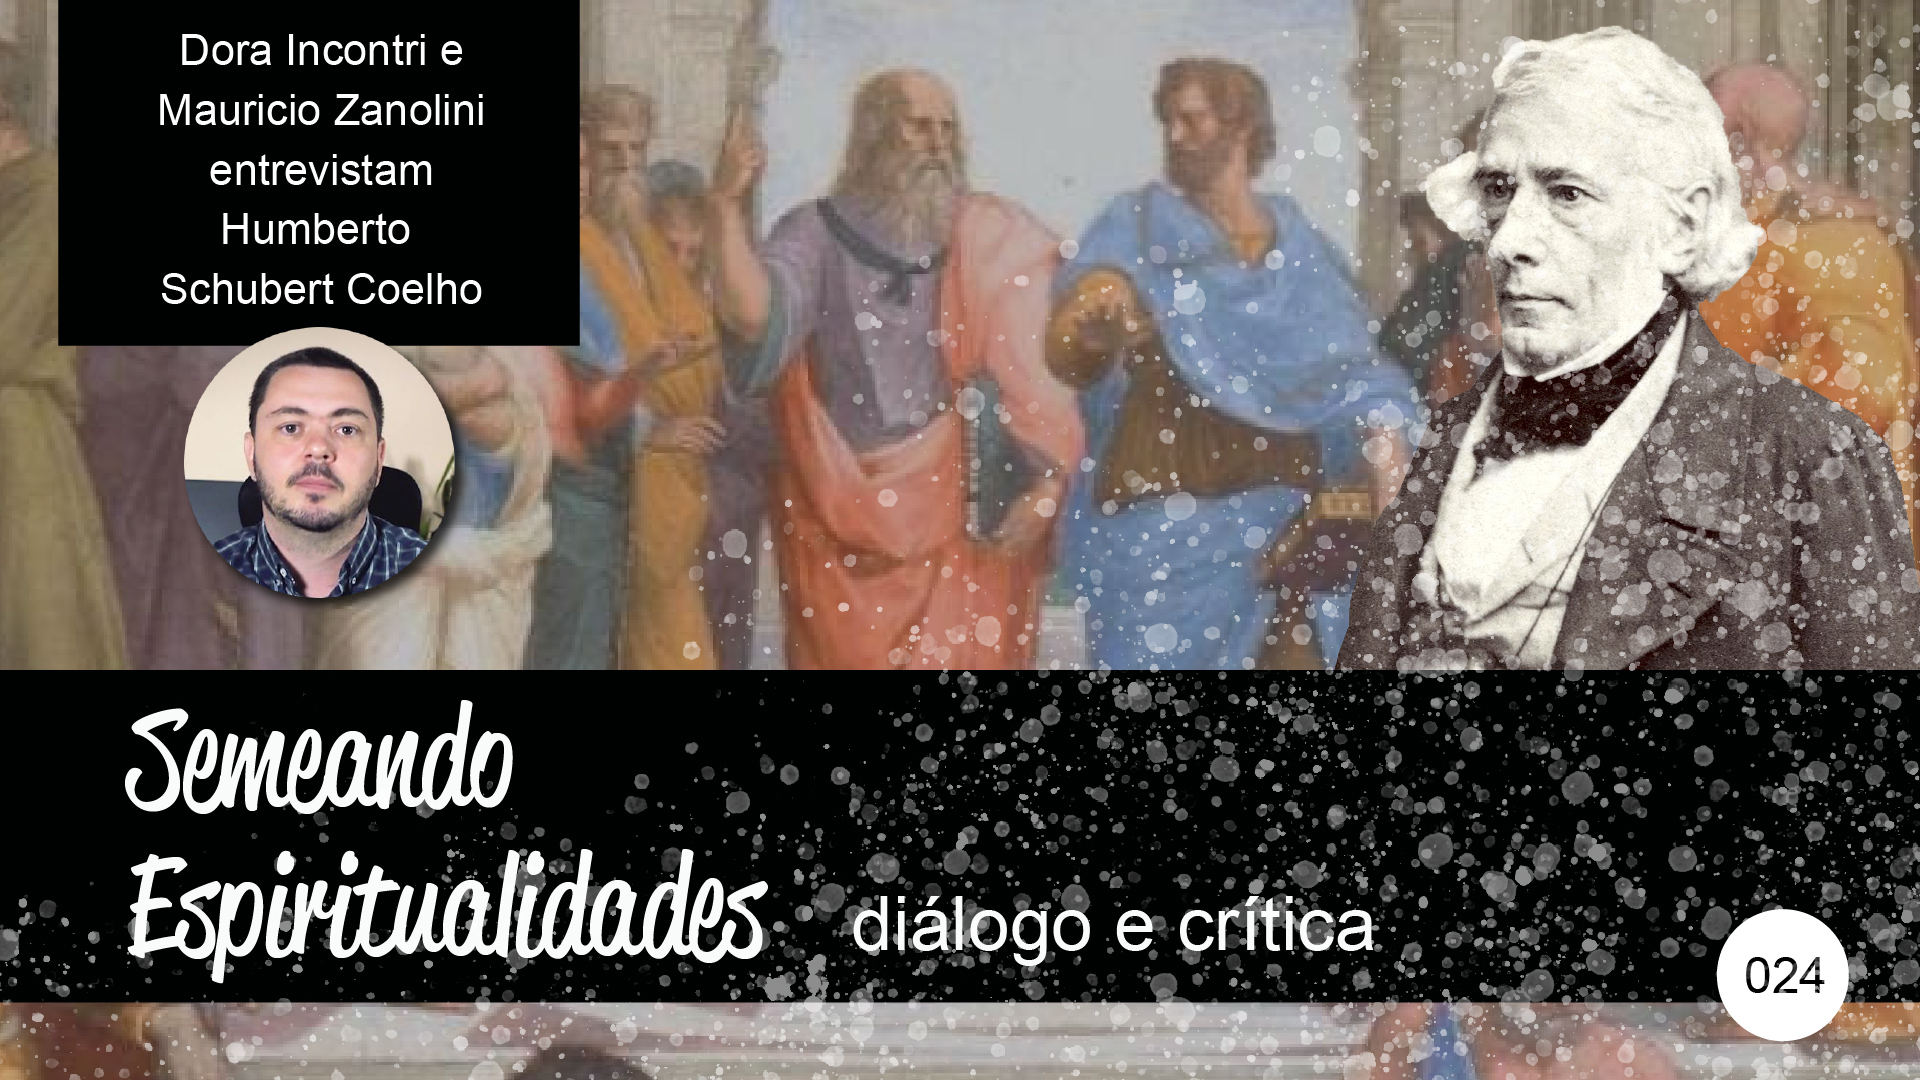 Semeando Espiritualidades – diálogo e crítica (024) – Filosofia Perene